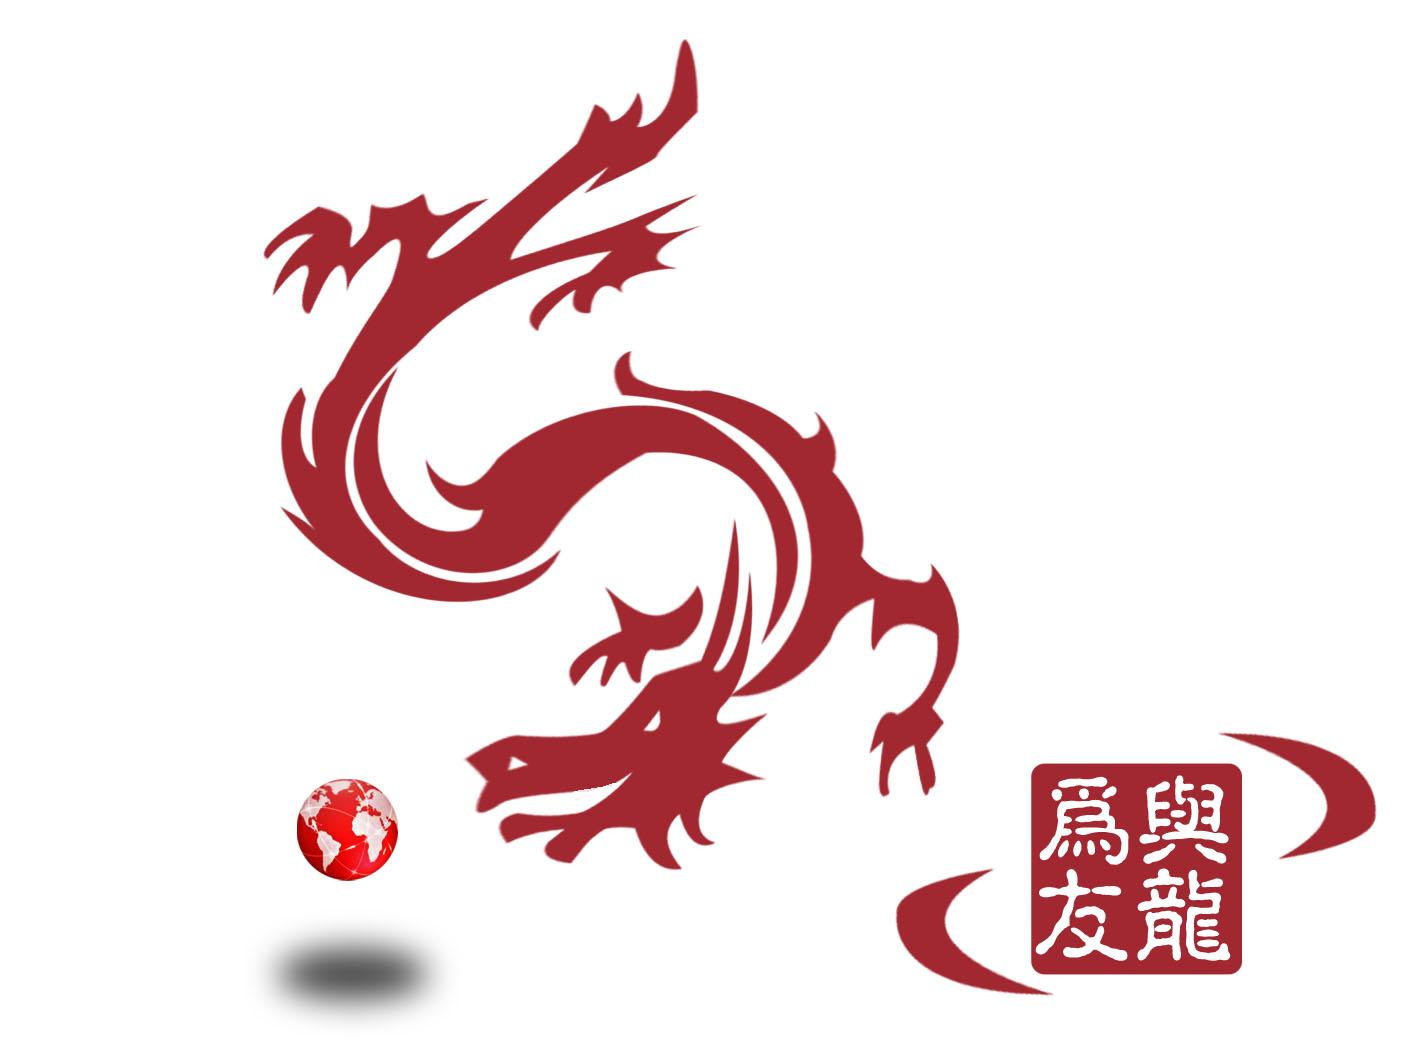 logo logo 标志 设计 矢量 矢量图 素材 图标 1417_1063